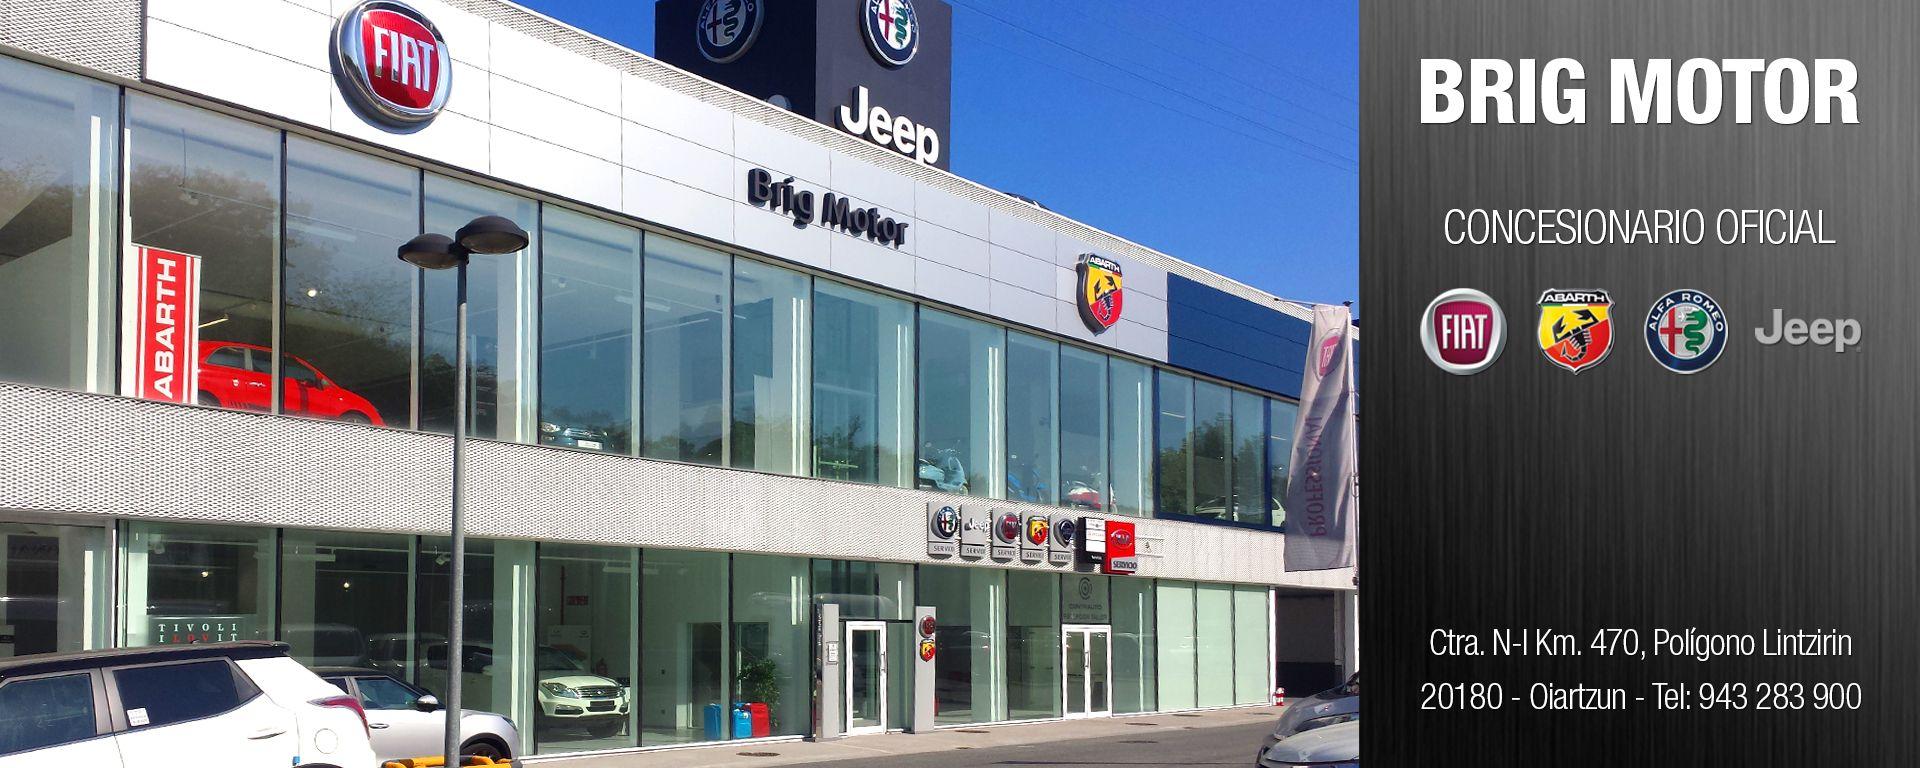 BRIG MOTOR - NUEVO CONCESIONARIO OFICIAL FIAT | ABARTH | ALFA ROMEO | JEEP EN GIPUZKOA